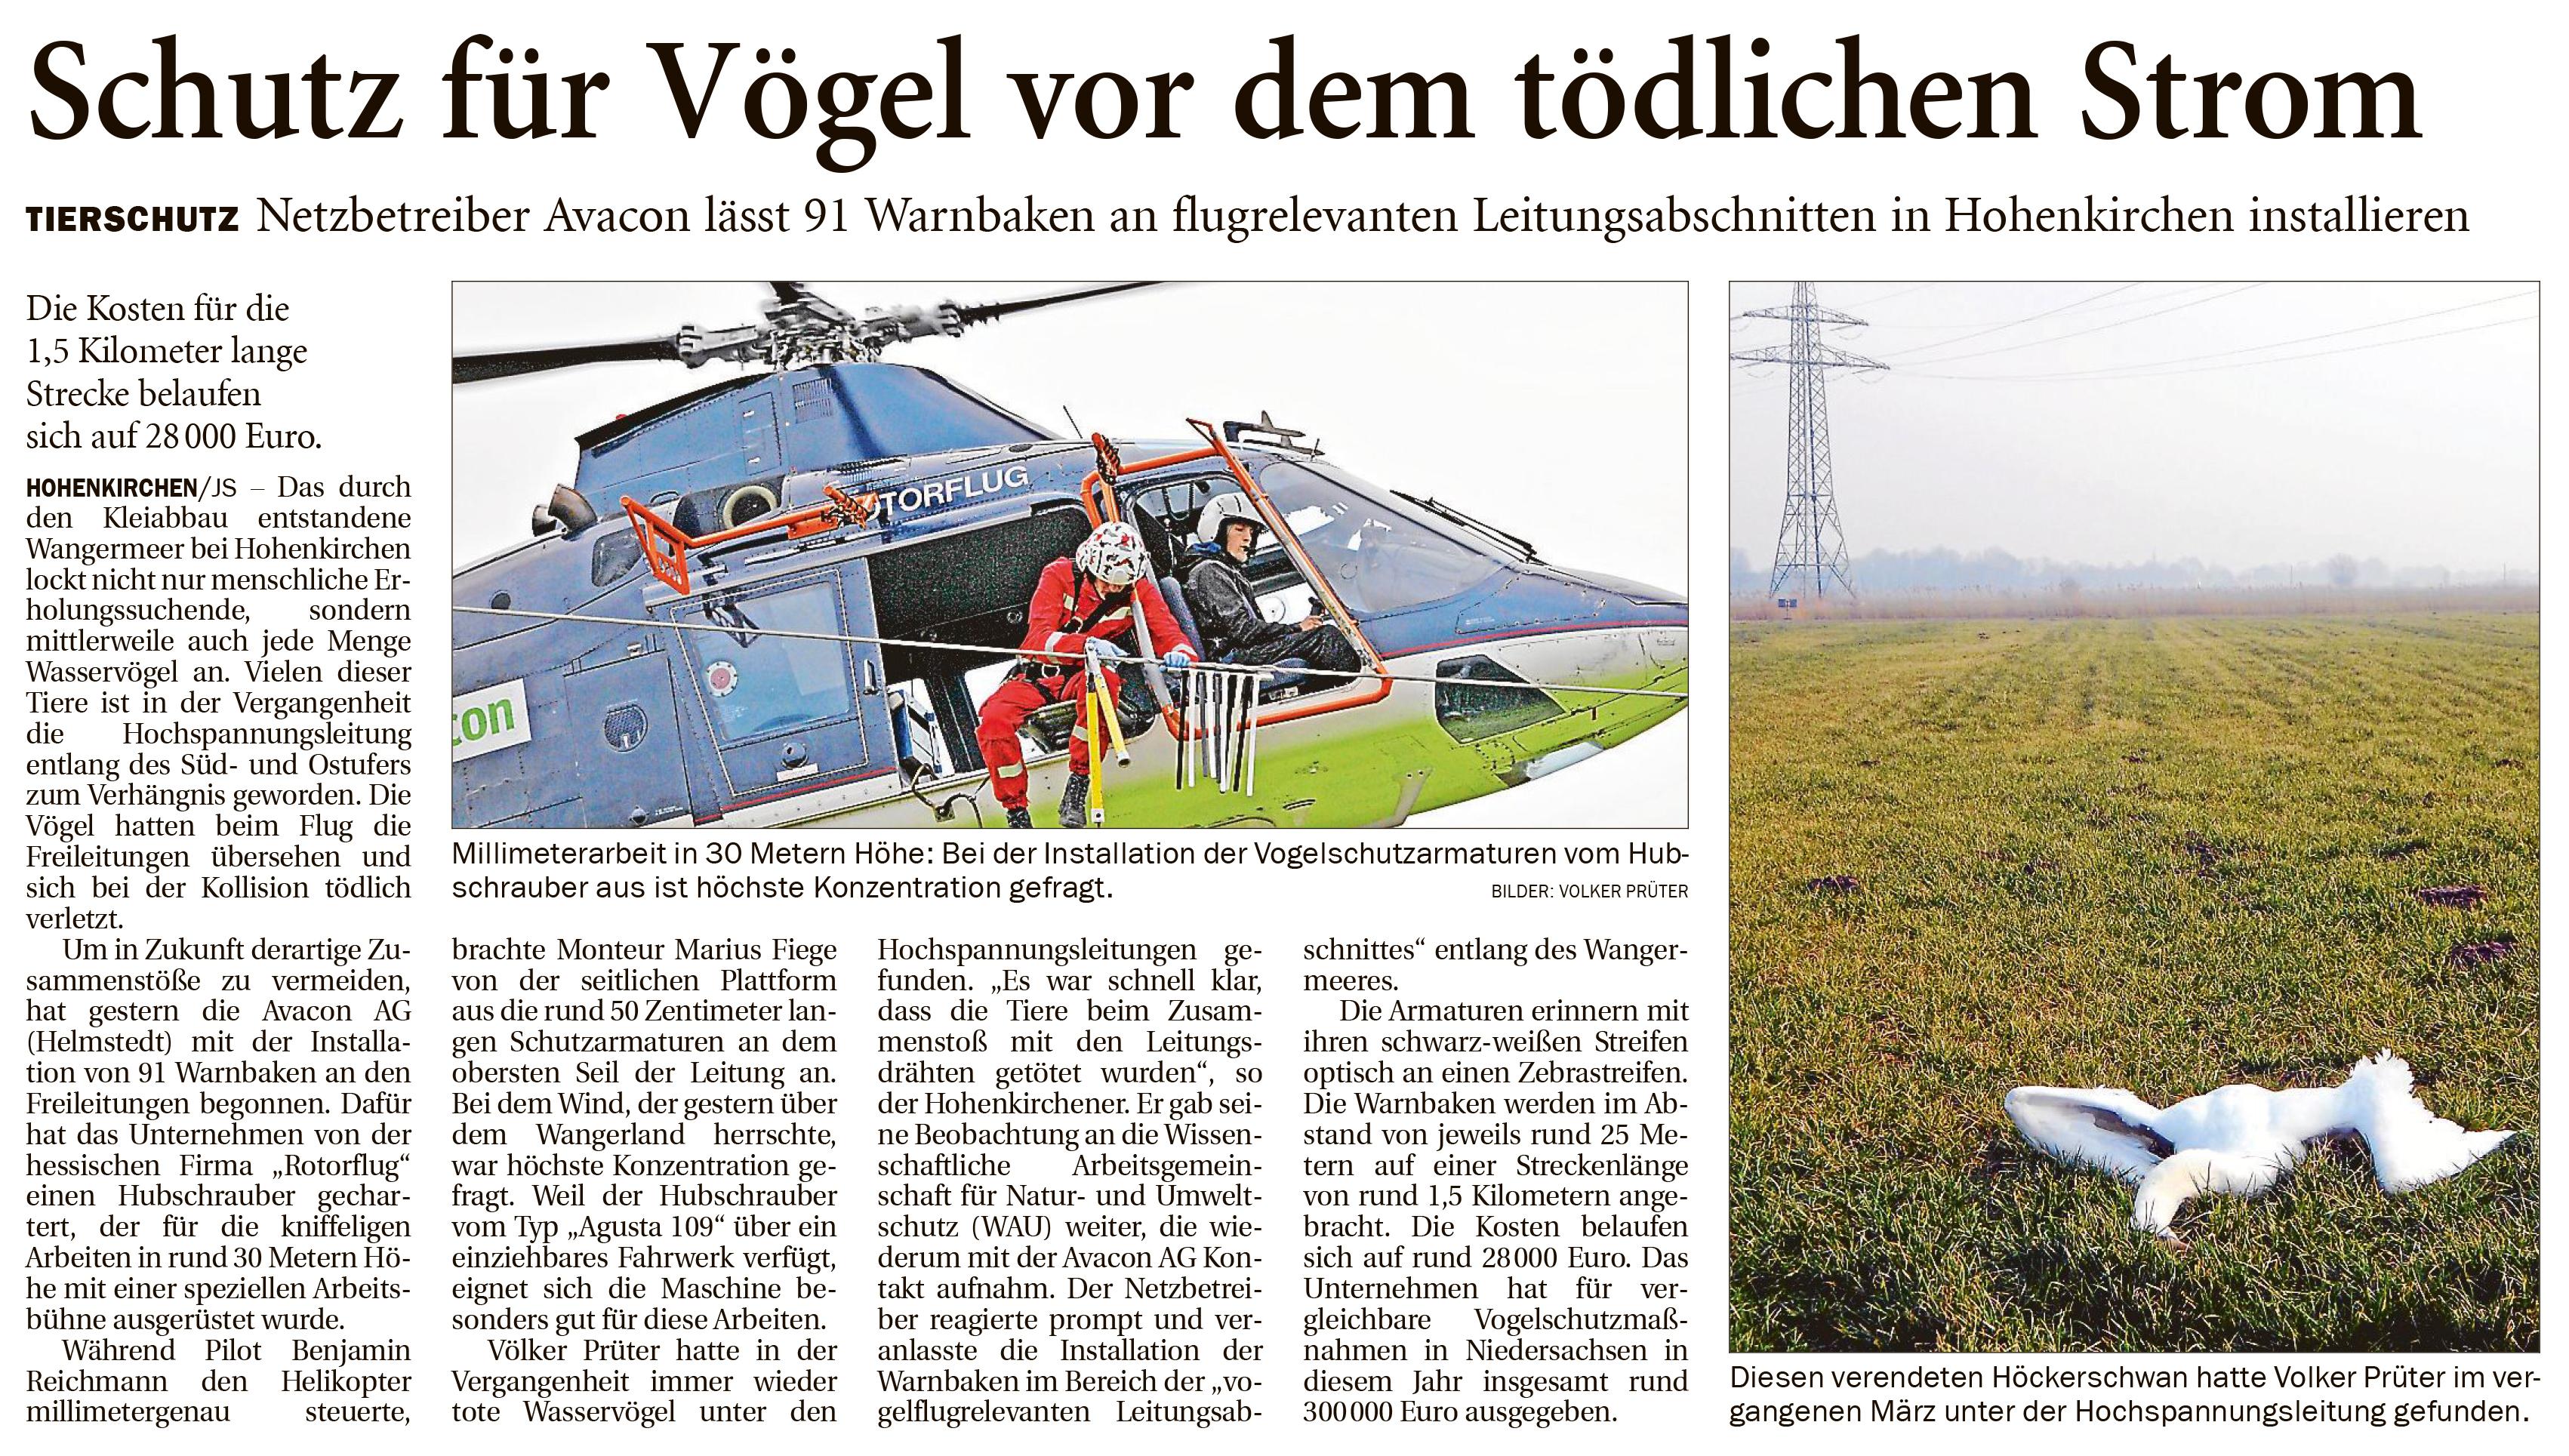 """Screenshot Zeitungsartikel aus """"Ems-Jade"""": Schutz für Vögel vor dem tödlichen Strom"""